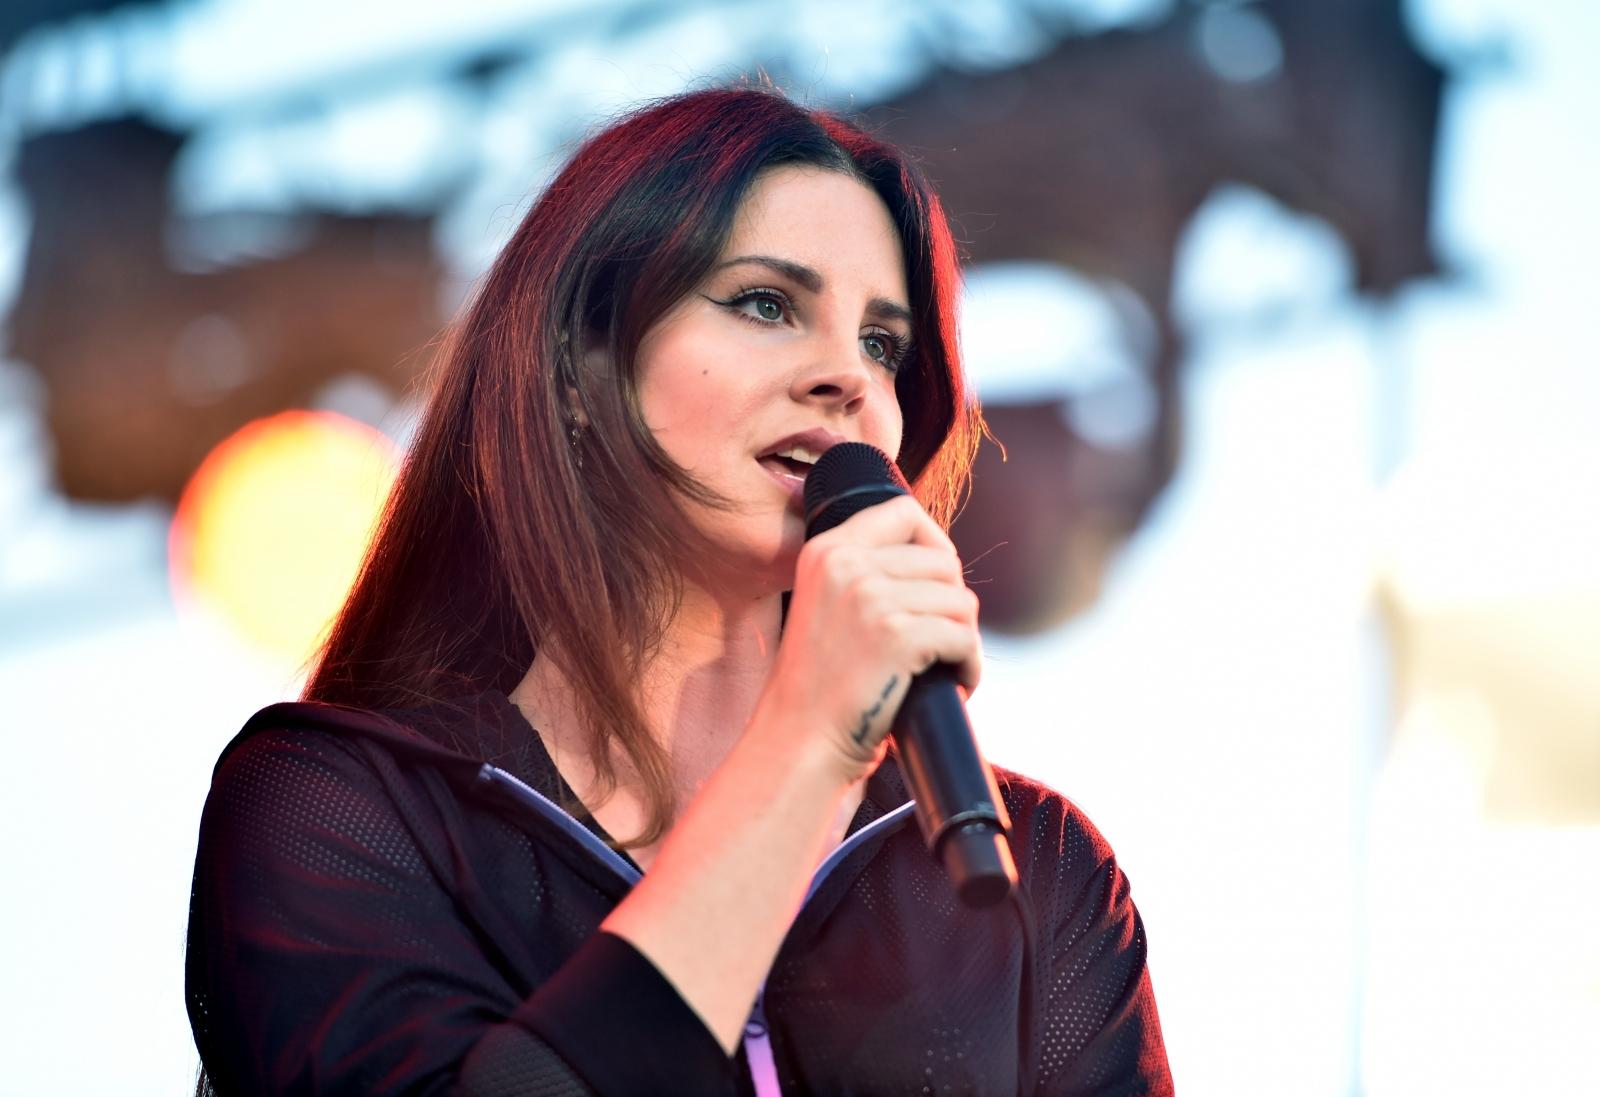 Lana del Rey performing